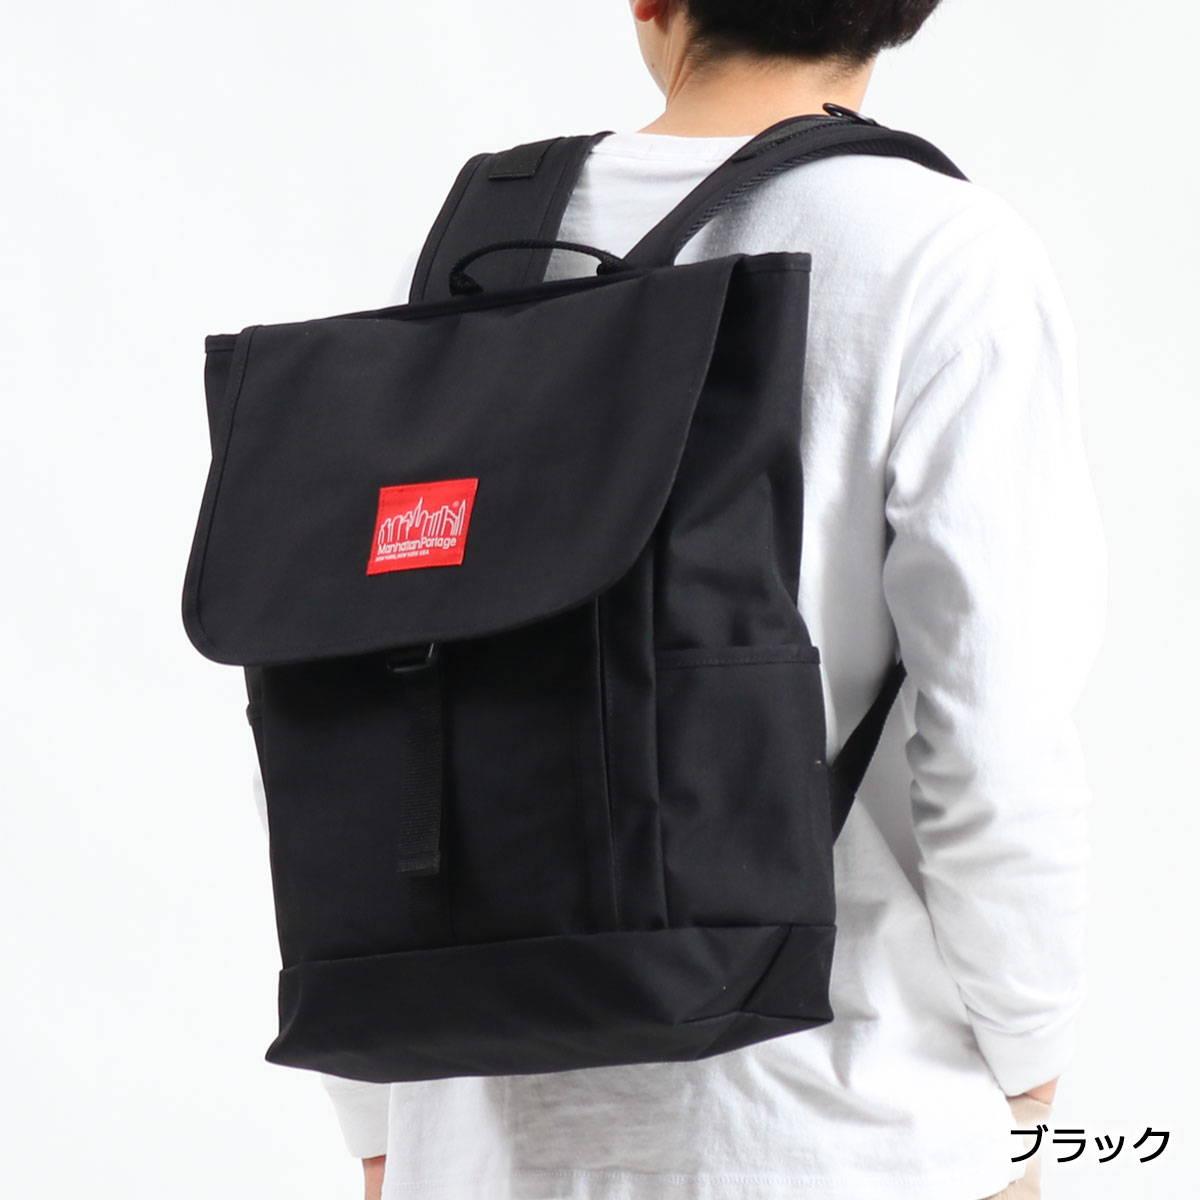 マンハッタンポーテージの大容量リュック「Washington SQ Backpack 1220(ワシントンエスキューバックパック 1220)」。このようにバッグを開閉するフラップは、覆いかぶさるタイプ。少しの量なら雨が降ってきても、バッグの口から雨が侵入しません。